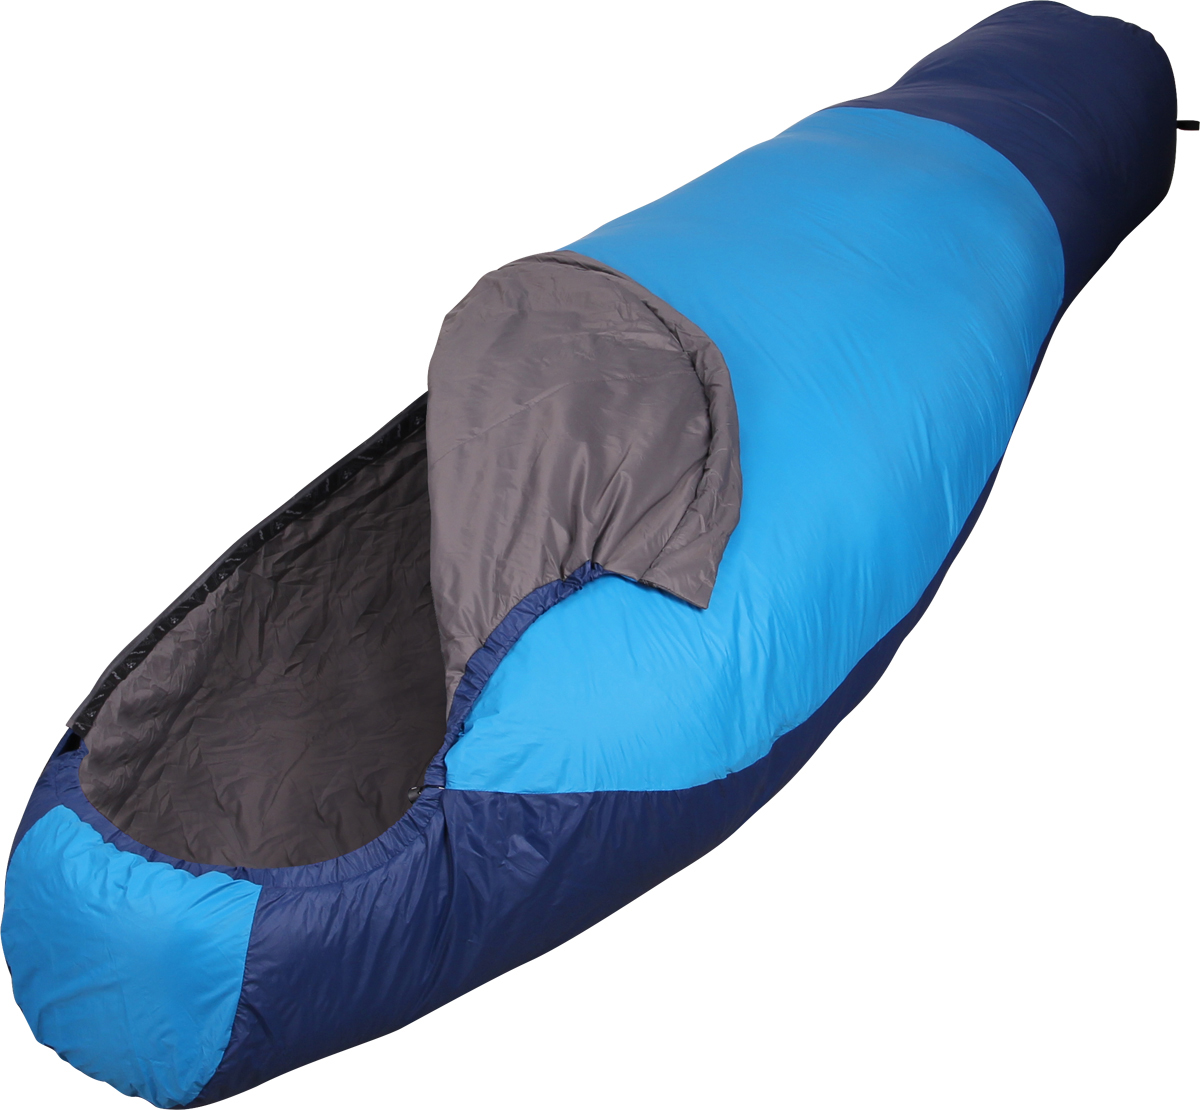 Мешок спальный Сплав Antris 60, левосторонняя молния, цвет: голубой, 205 x 80 x 50 см4505463Сплав Antris 60 - сверхлегкий, летний спальный мешок.Тип конструкции: кокон. Молния неразъемная на 1/2 длины спальника. Утепленная защитная подпланка молнии. Петли для просушки. Петли для крепления внутреннего вкладыша. Упаковочный мешок в комплекте. Внимание! длительное хранение в сжатом виде не рекомендуется.Материалы: Внешняя ткань: Nylon 6.6 R/S 20D Down Proof Hight Density Teflon DWR Cire.Вес ткани: 32 г/м2. Дышимость ткани: 0,8 см3/см2/с.Внутренняя ткань: Nylon 20D/370T Down Proof W/R Cire. Утеплитель: Primaloft.Плотность утеплителя : 60 г/м2. Температурный режим: Комфорт: +13… +9° С. Экстрим: -2° С. Габариты и вес: Размеры: 205 х 80 х 50 см (рост до 175 см).Полный вес: 0,50 кг.Минимальный вес: 0,49 кг.Размеры в упакованном виде: 14 х 34 см.